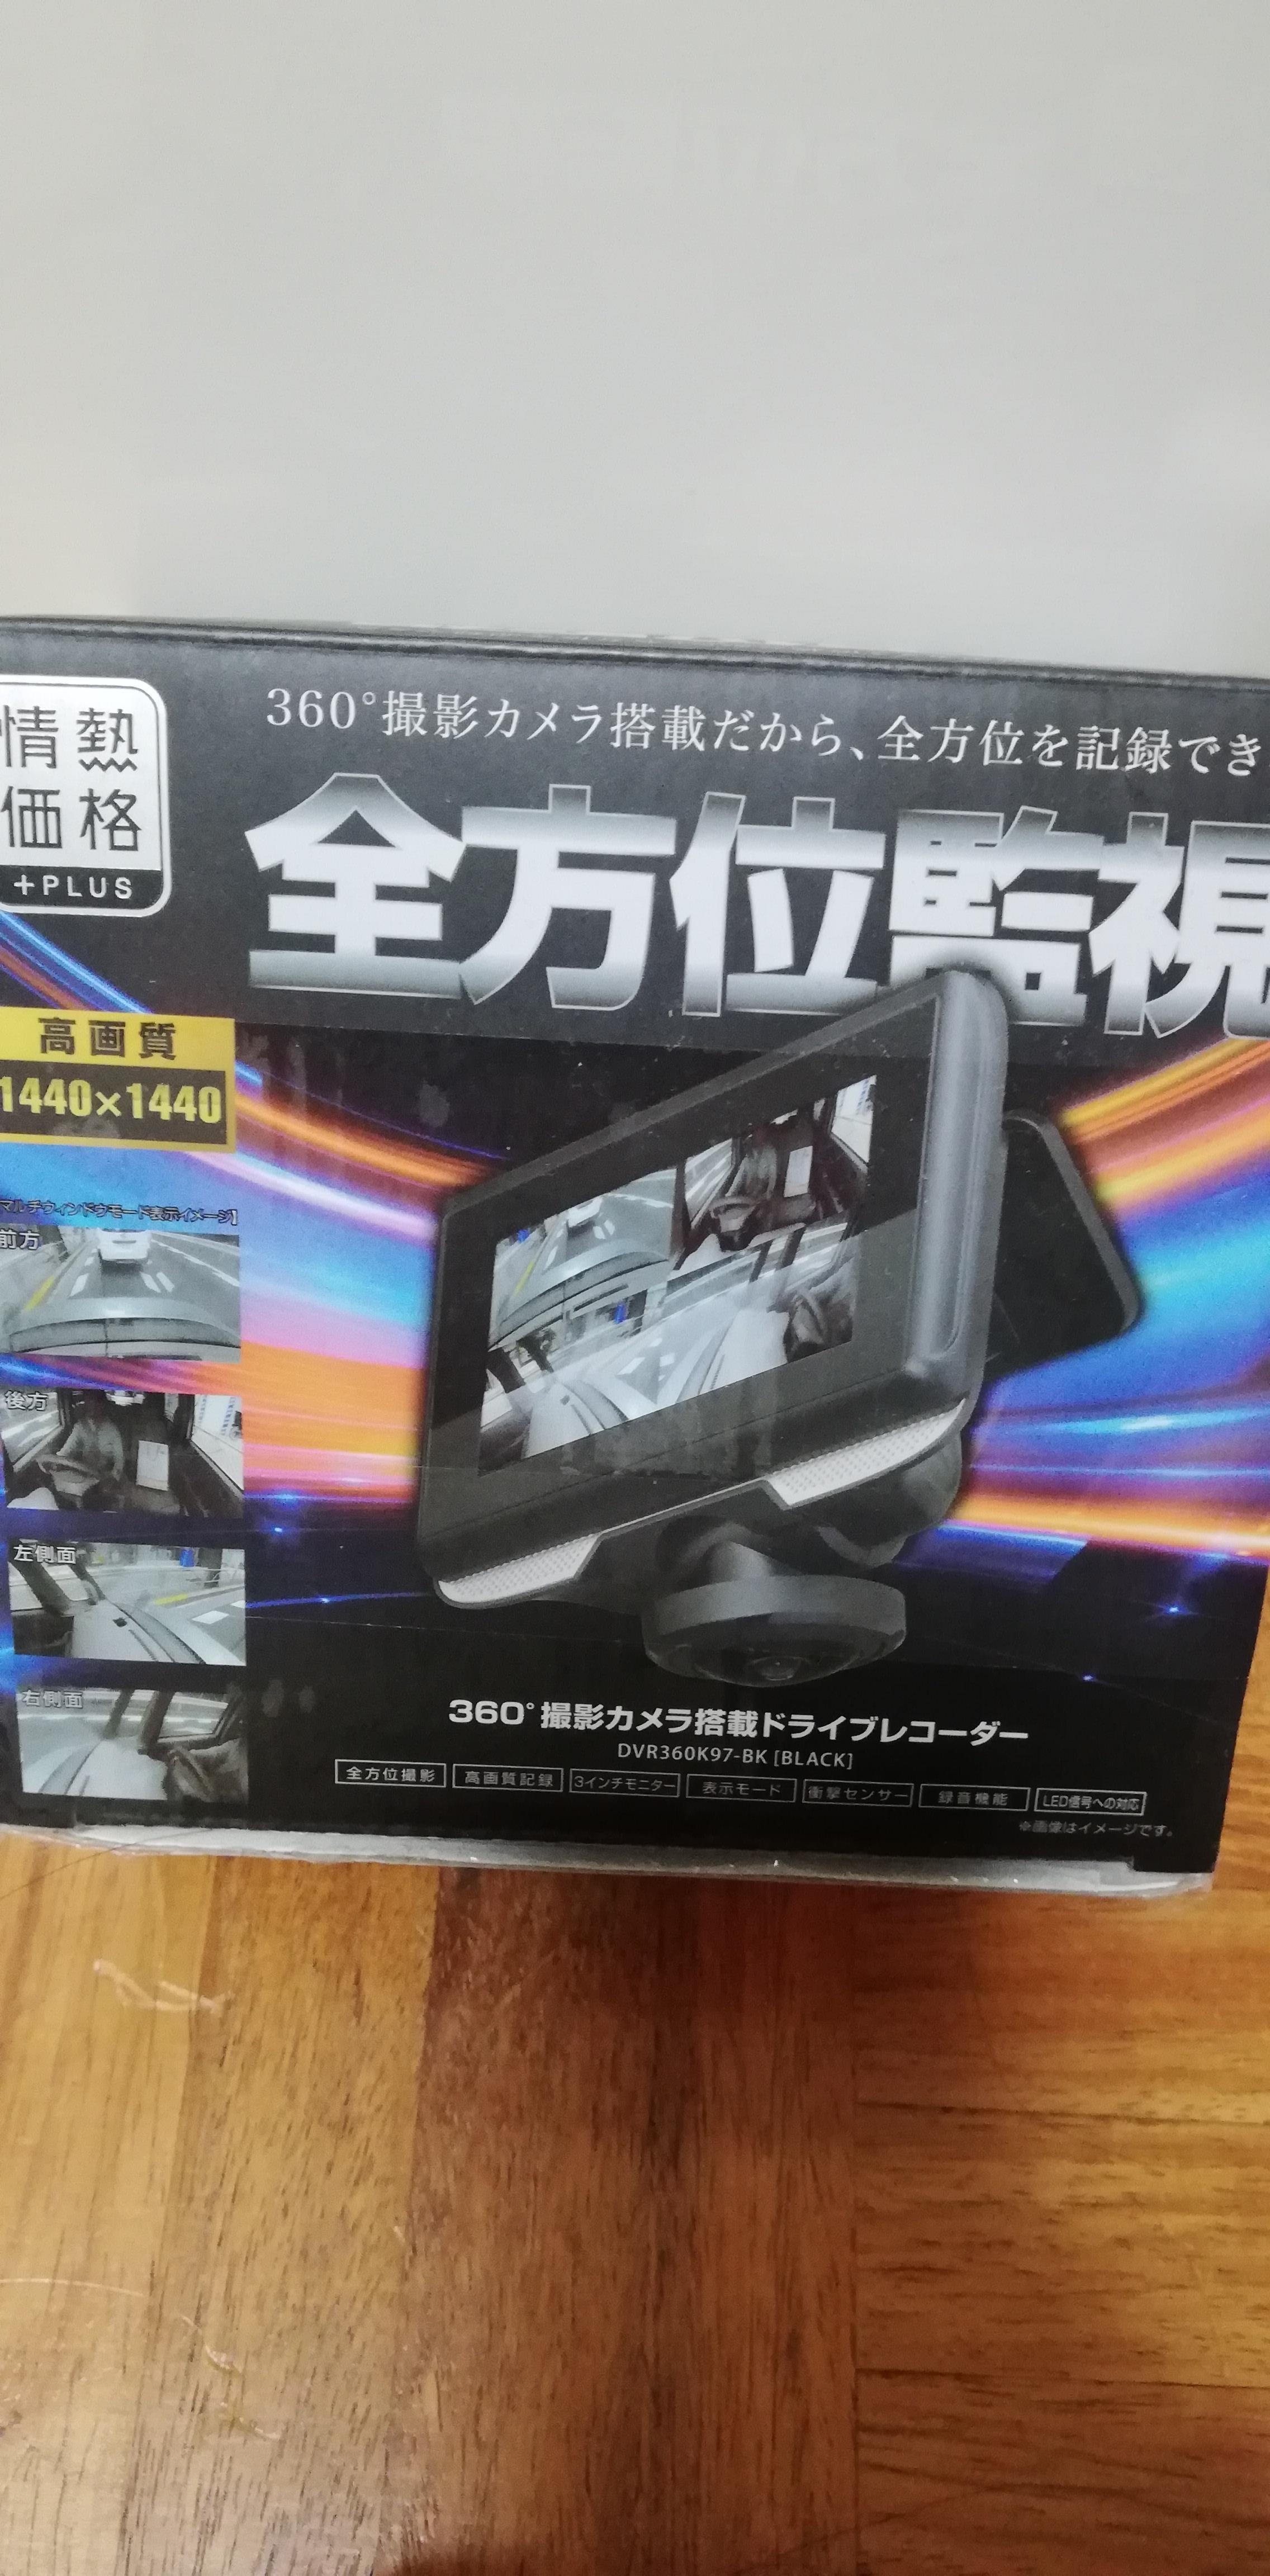 #16 ドン・キホーテで発売したドライブレコーダーを買って使ったお話。